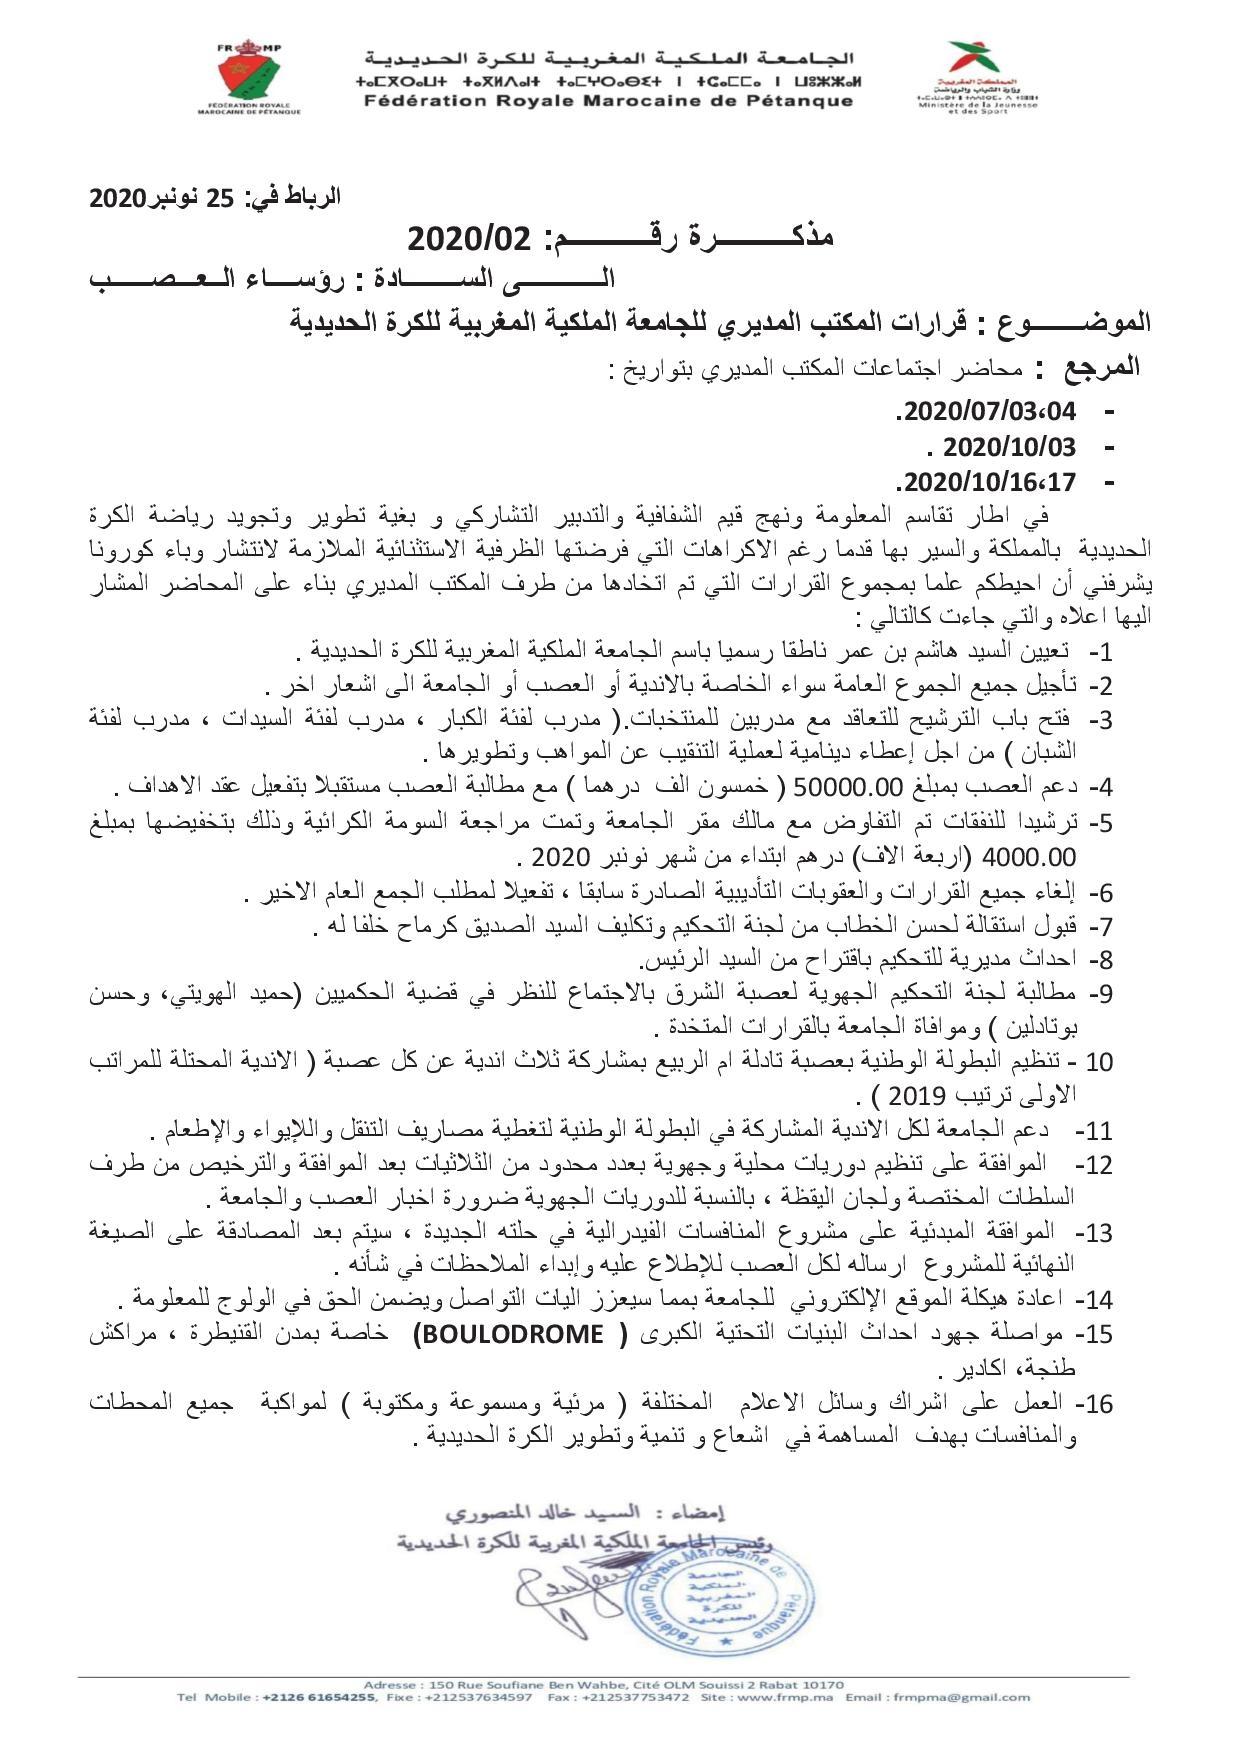 ICirculaire FRMP du 25/11/2020